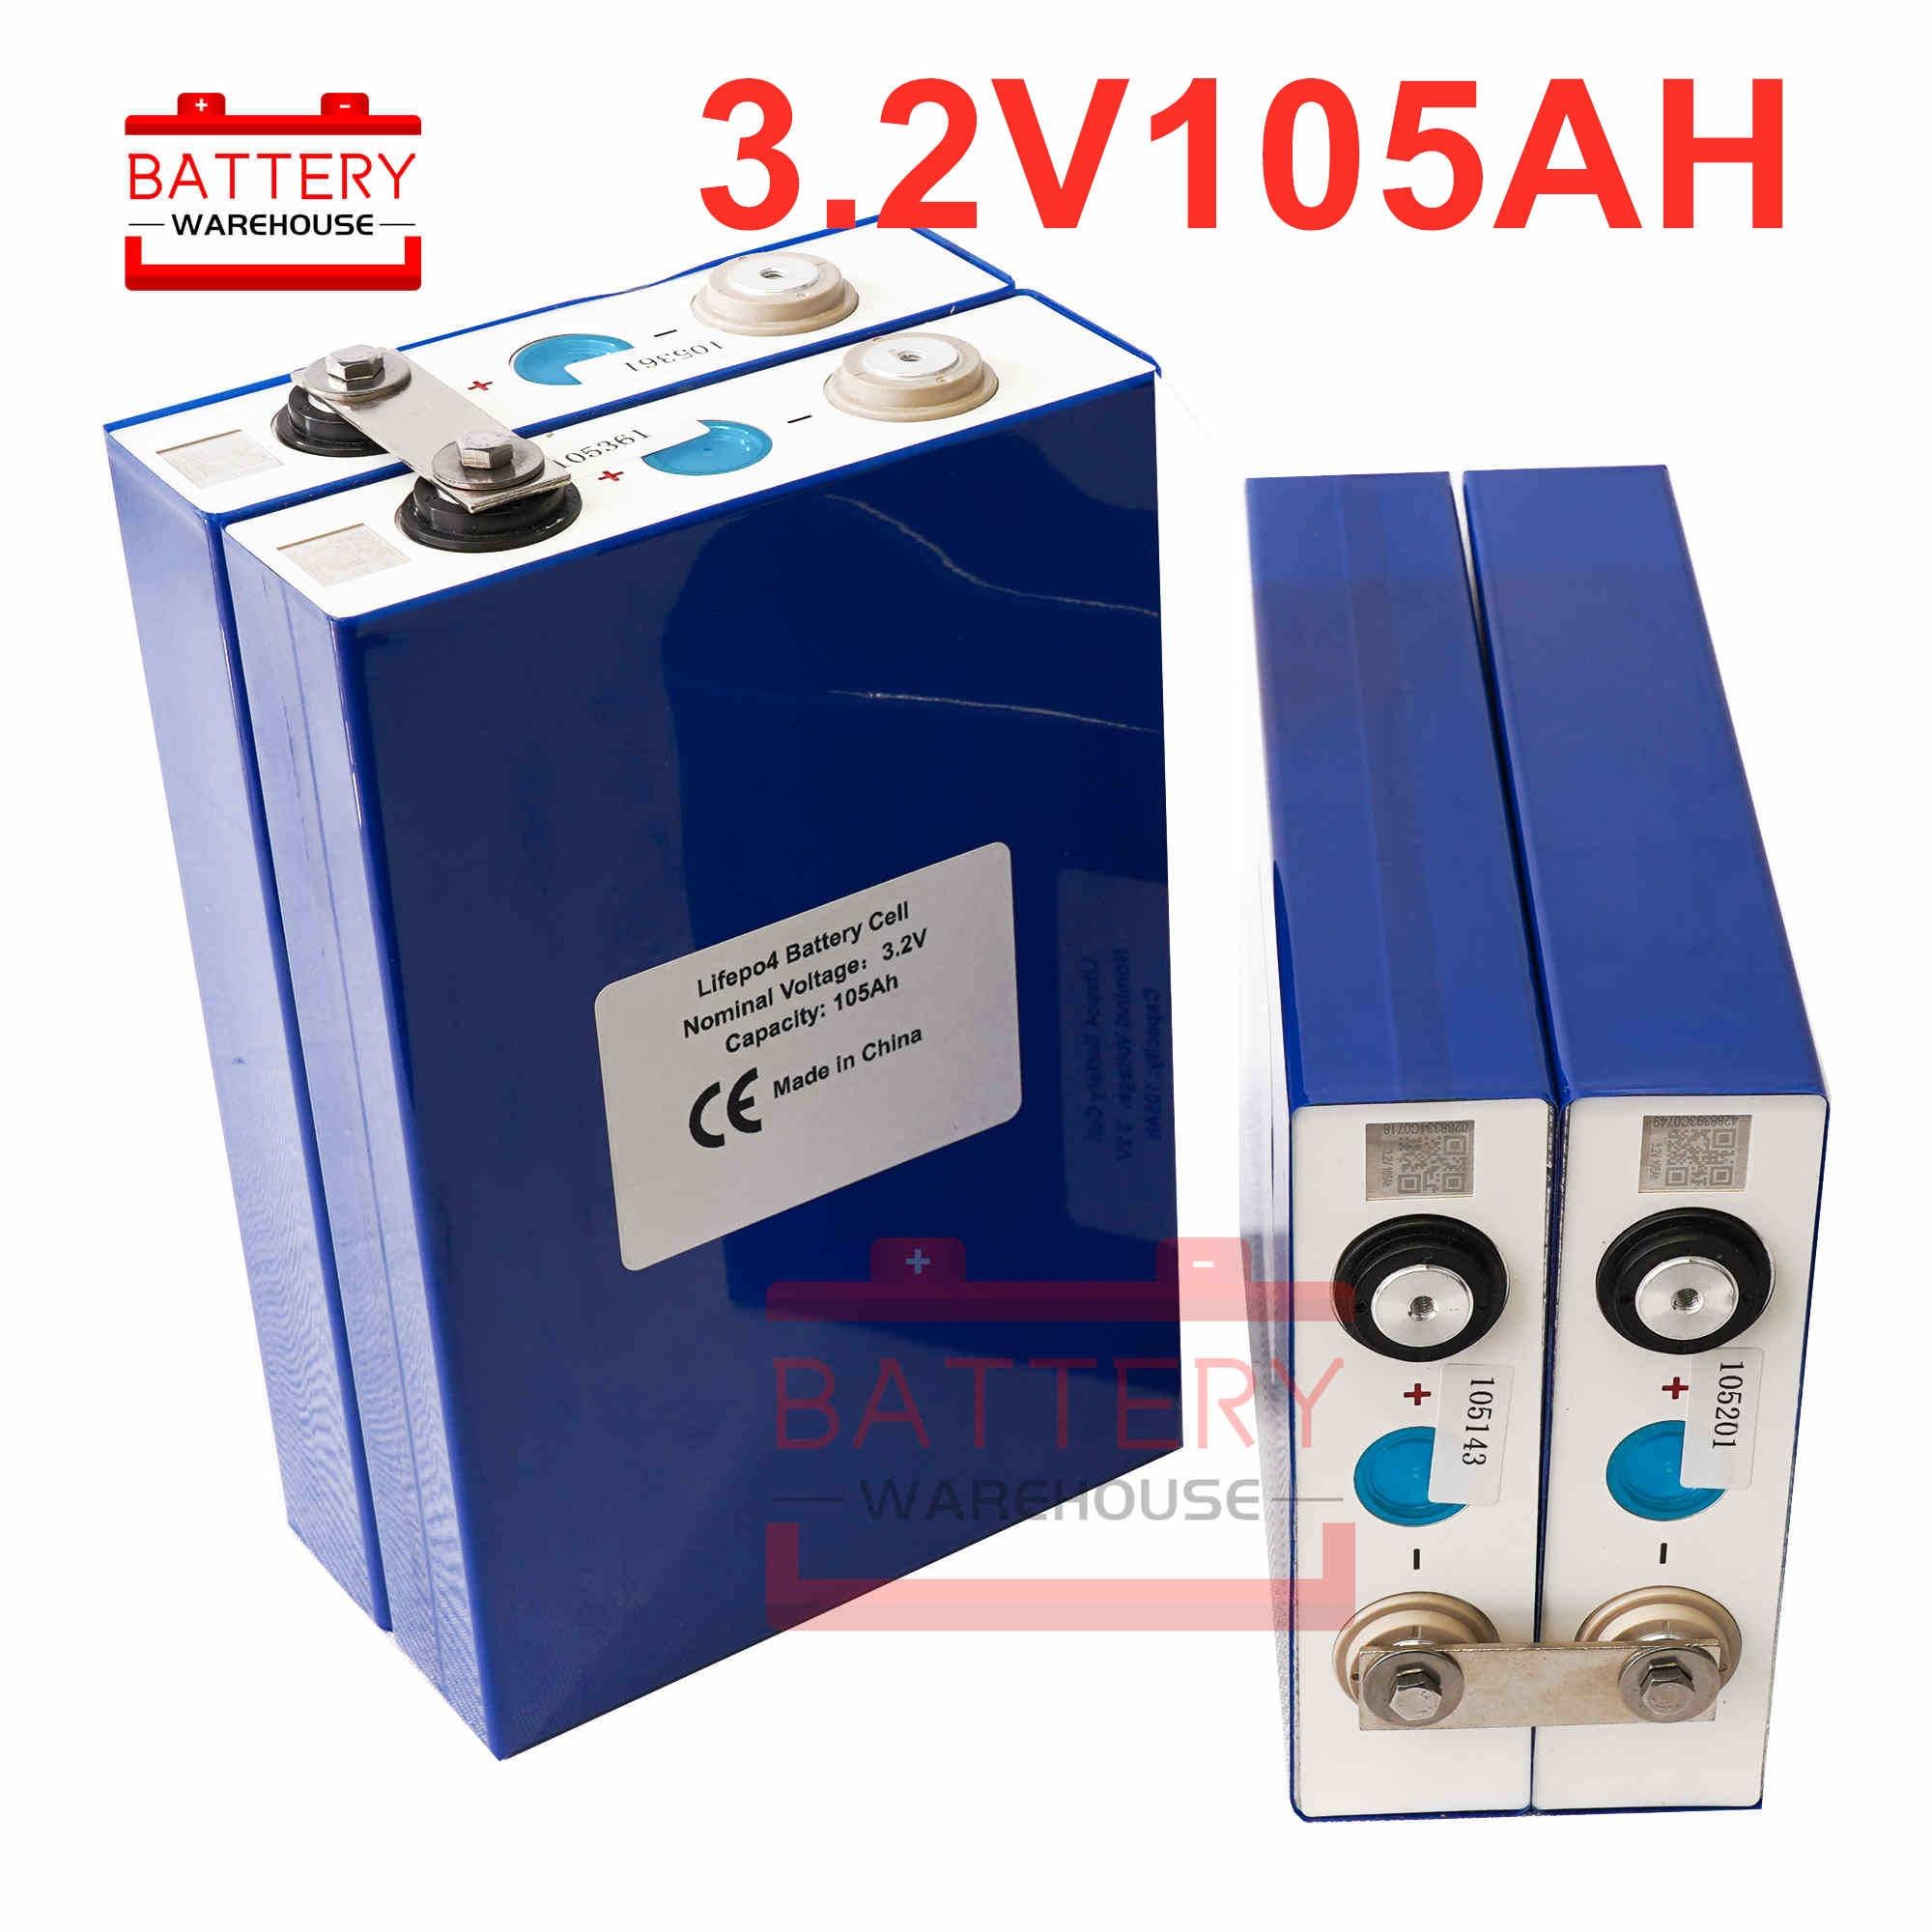 4 pièces 3.2v 100Ah 105Ah lifepo4 batterie batterie au lithium grande capacité 3C décharge for12V 24V stockage d'énergie solaire RV batterie